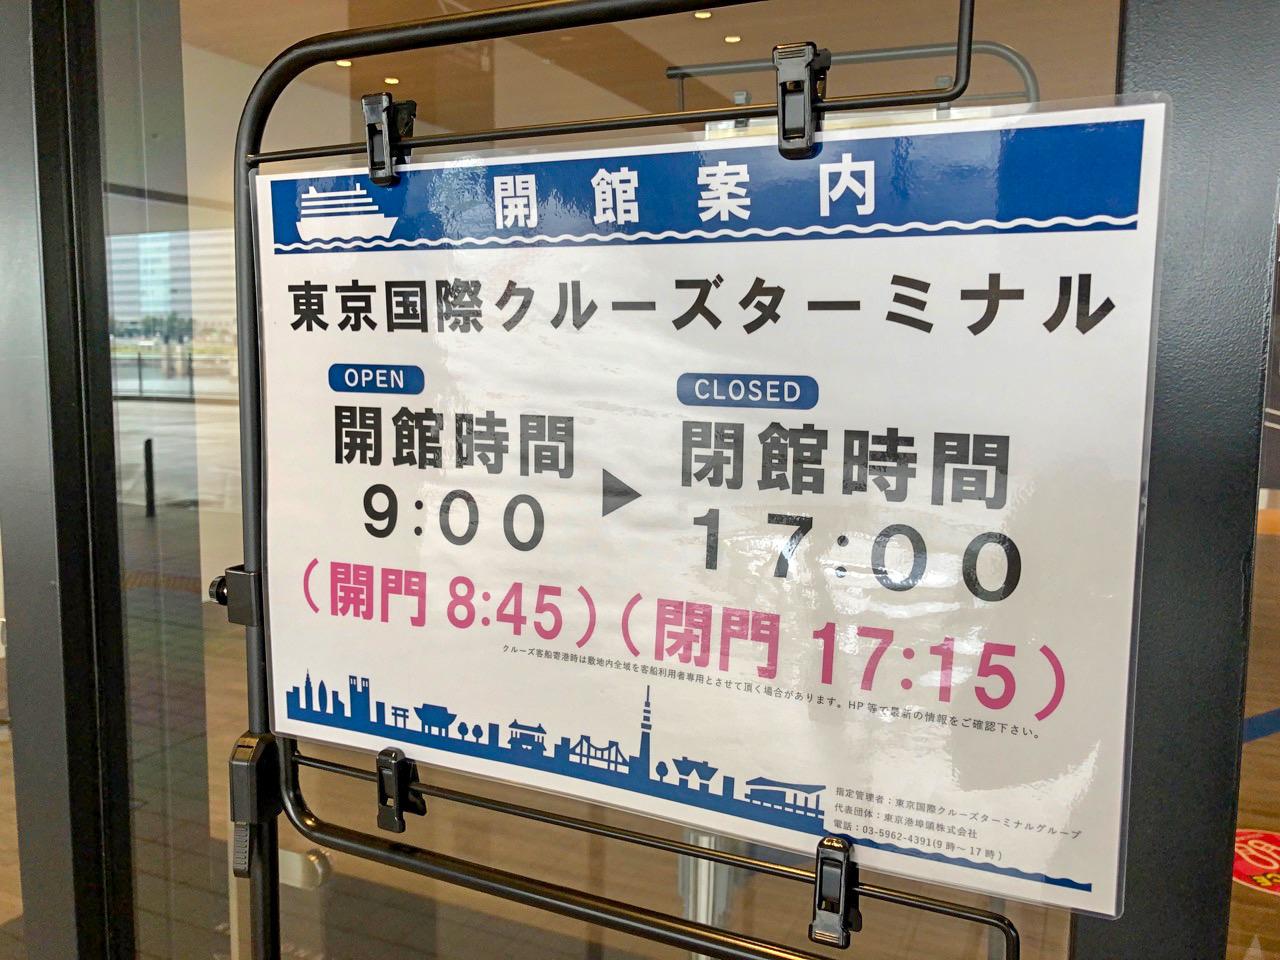 入館無料で9:00-17:00開館